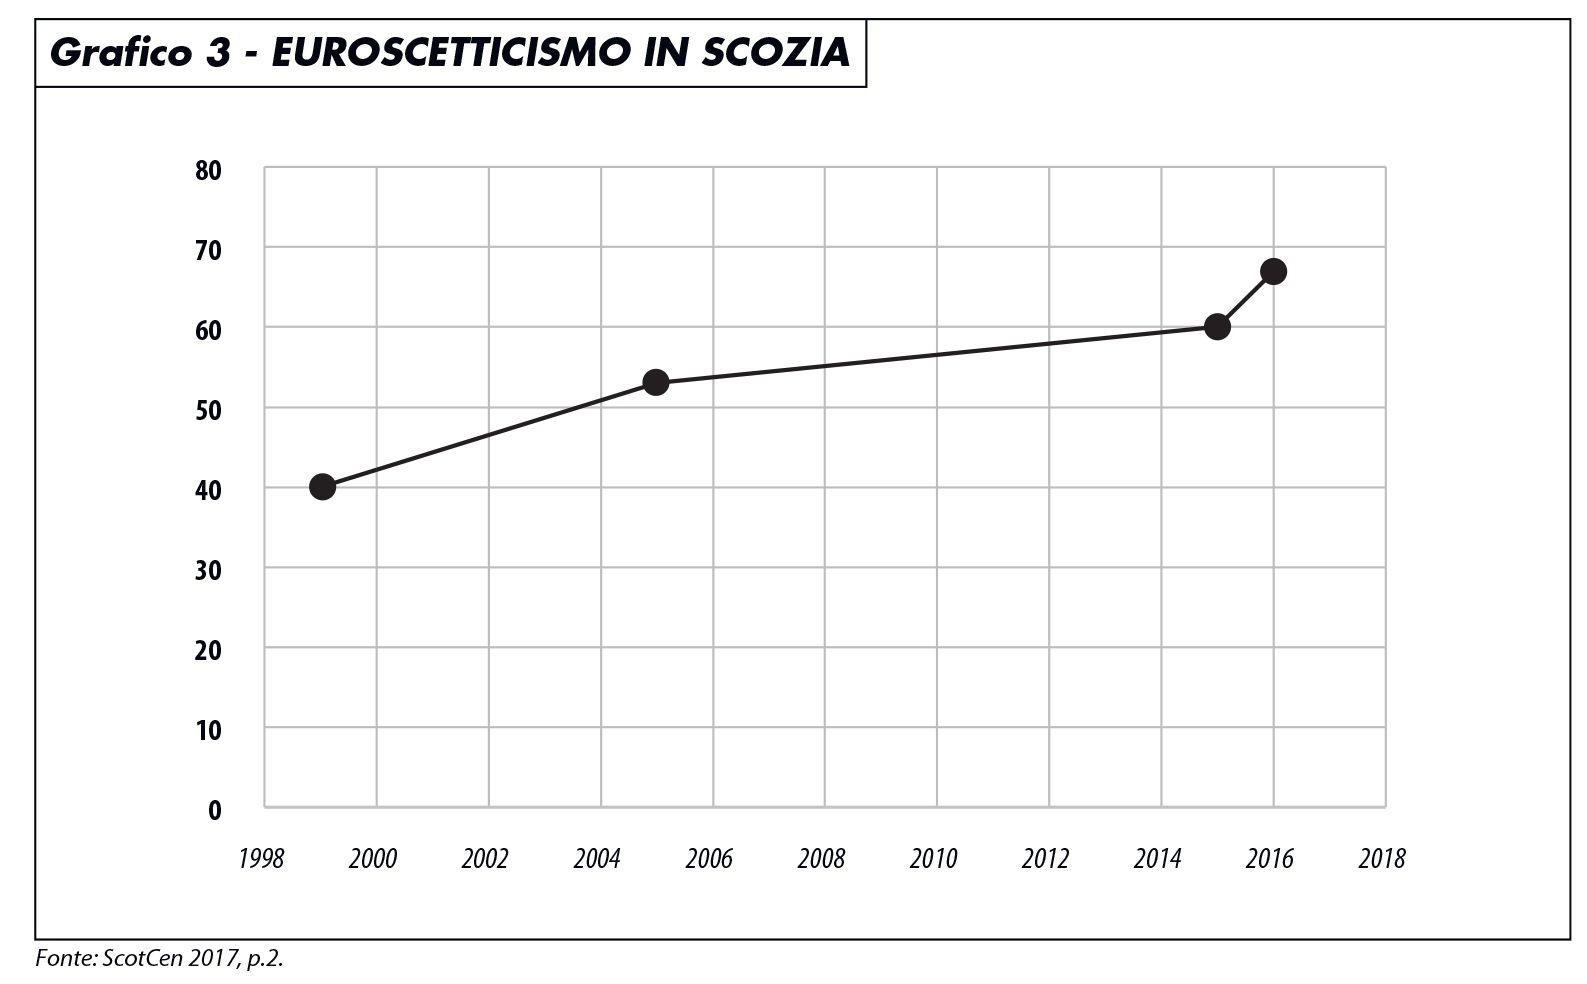 euroscetticismo_scozia_1017